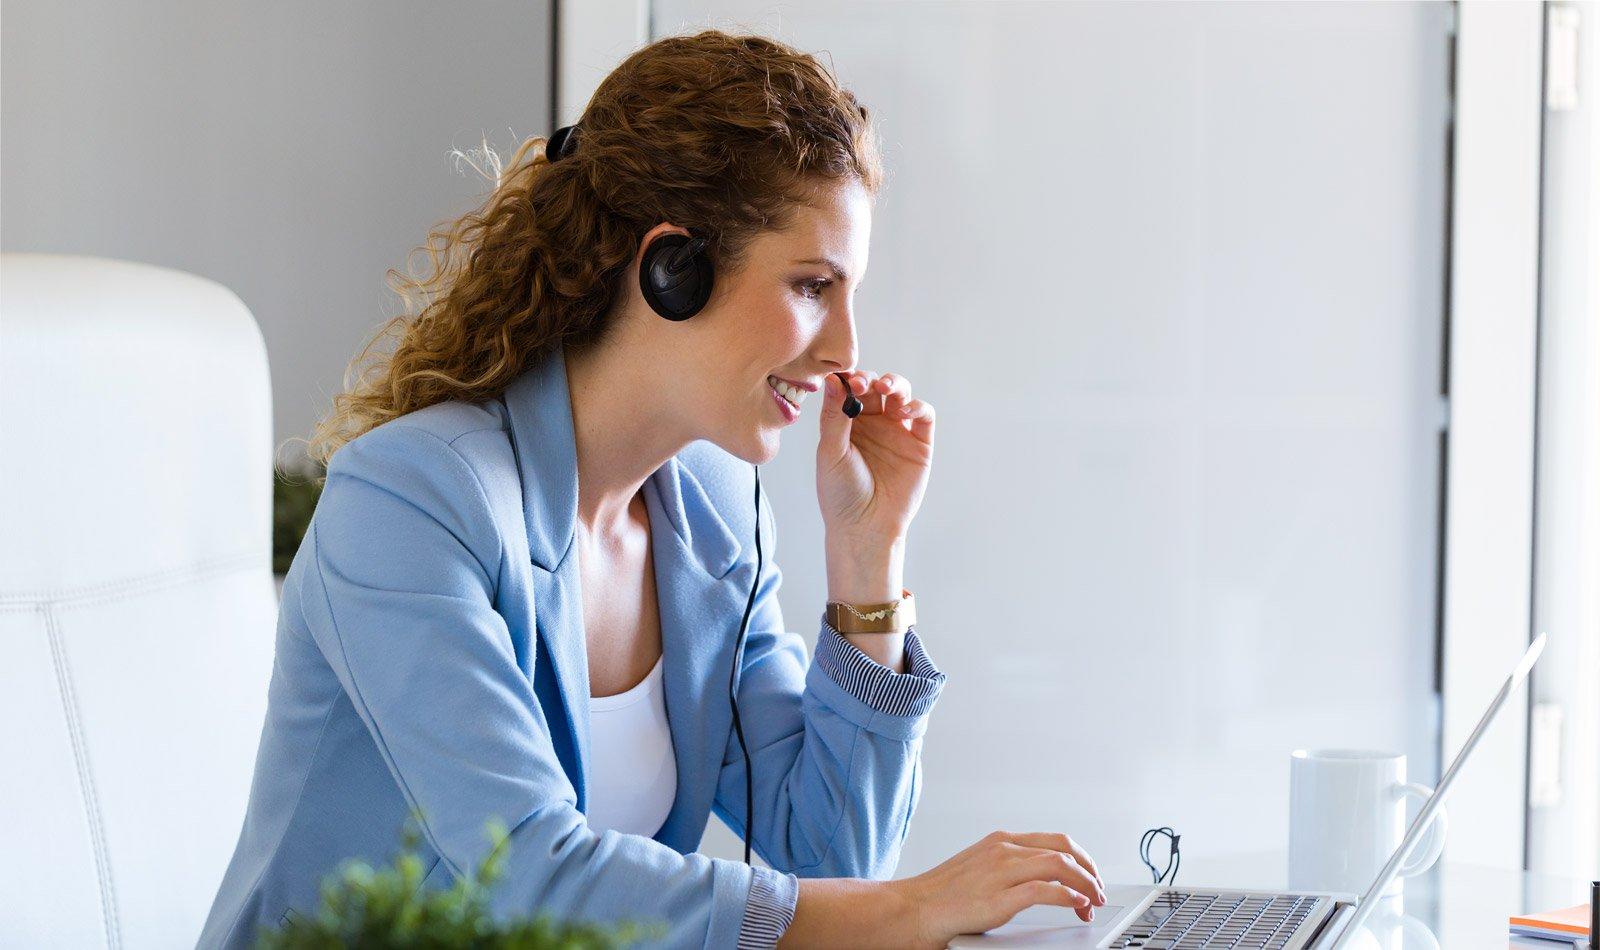 cómo pueden los negocios interactuar con sus clientes para mejorar la experiencia de usuario